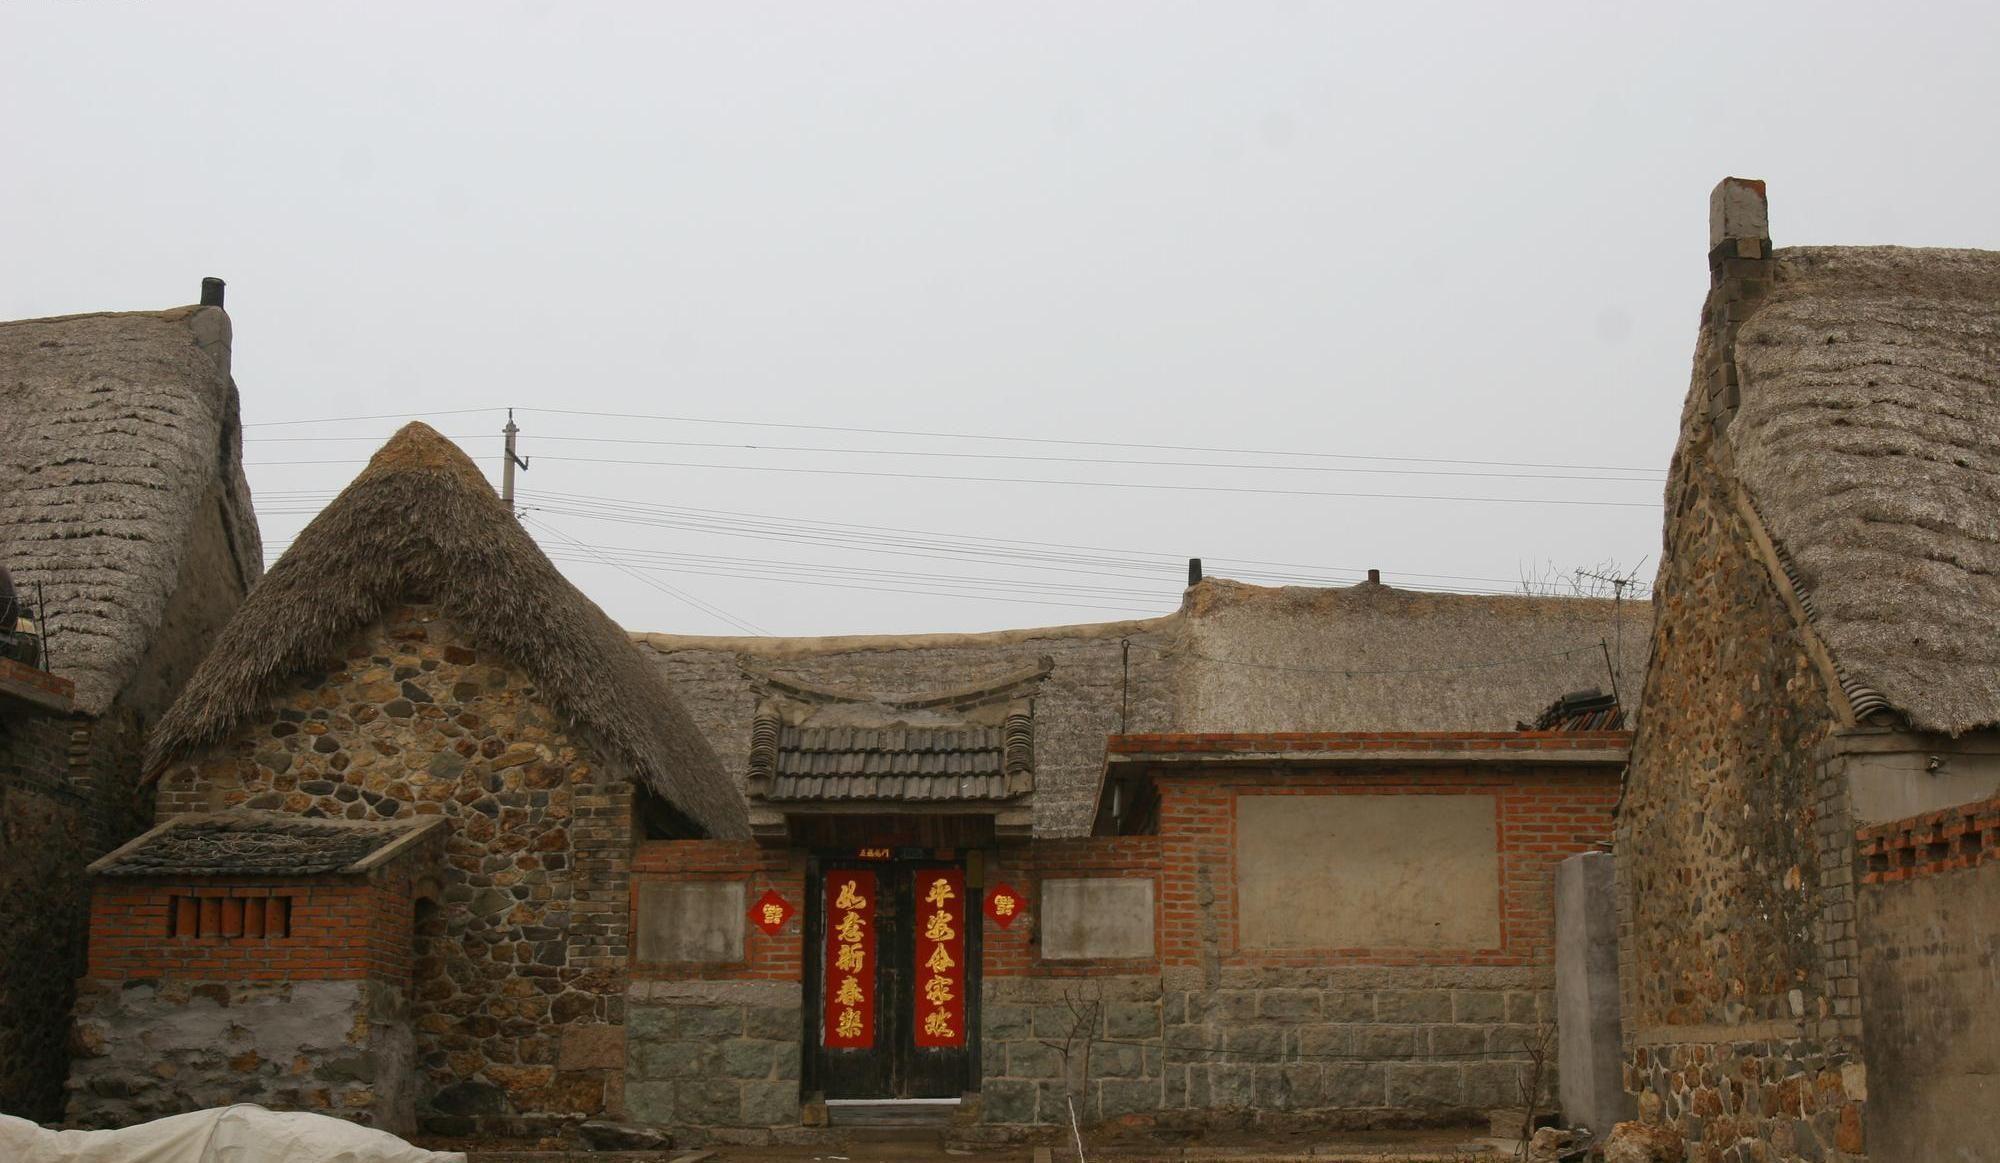 静德寺大雄宝殿,云南省楚雄州,永仁县方山风景名胜区